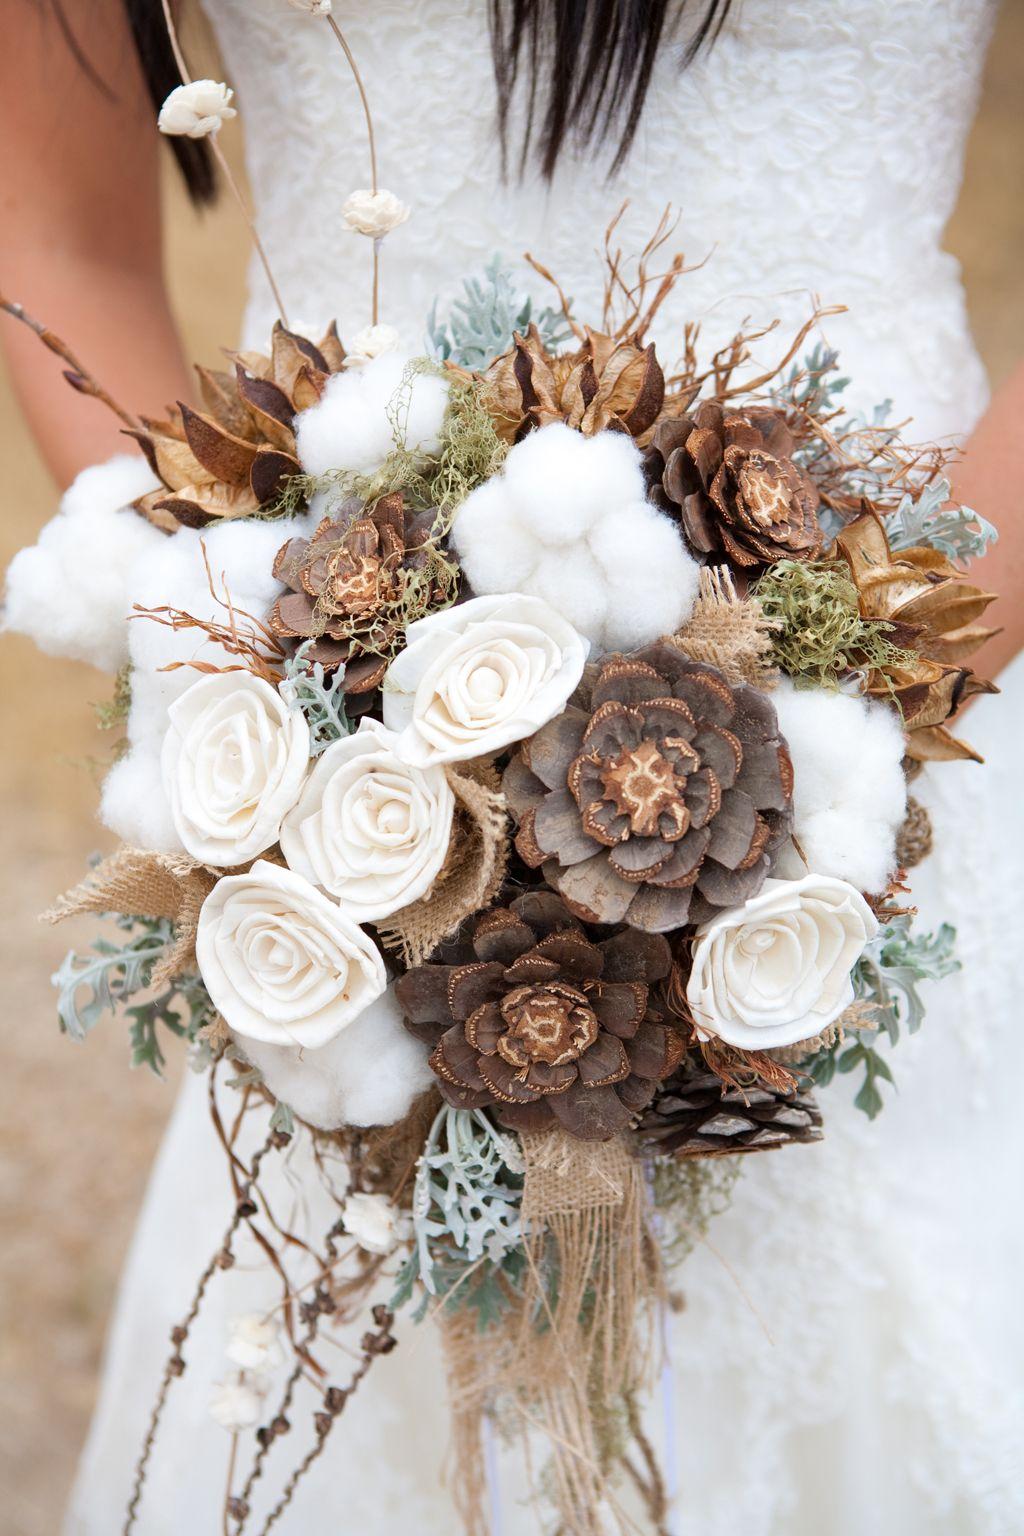 Diy camo wedding decorations  fall wedding  Wedding Decor  Pinterest  Neutral Wedding and